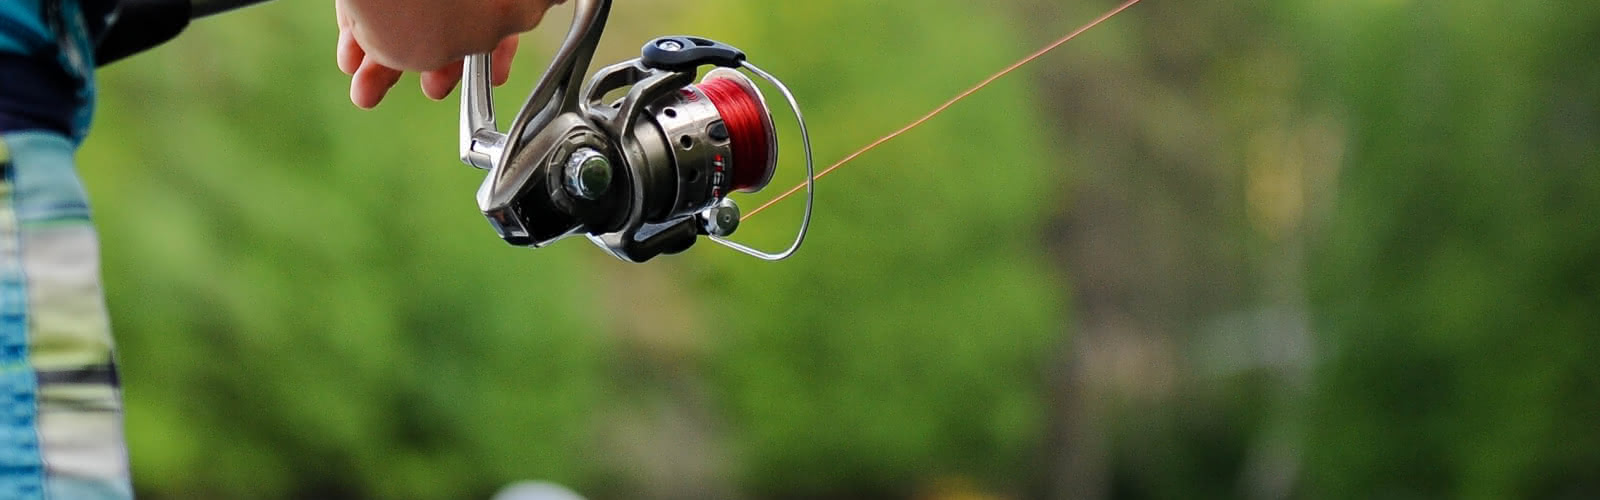 Pêche sur le lac d'Enghien